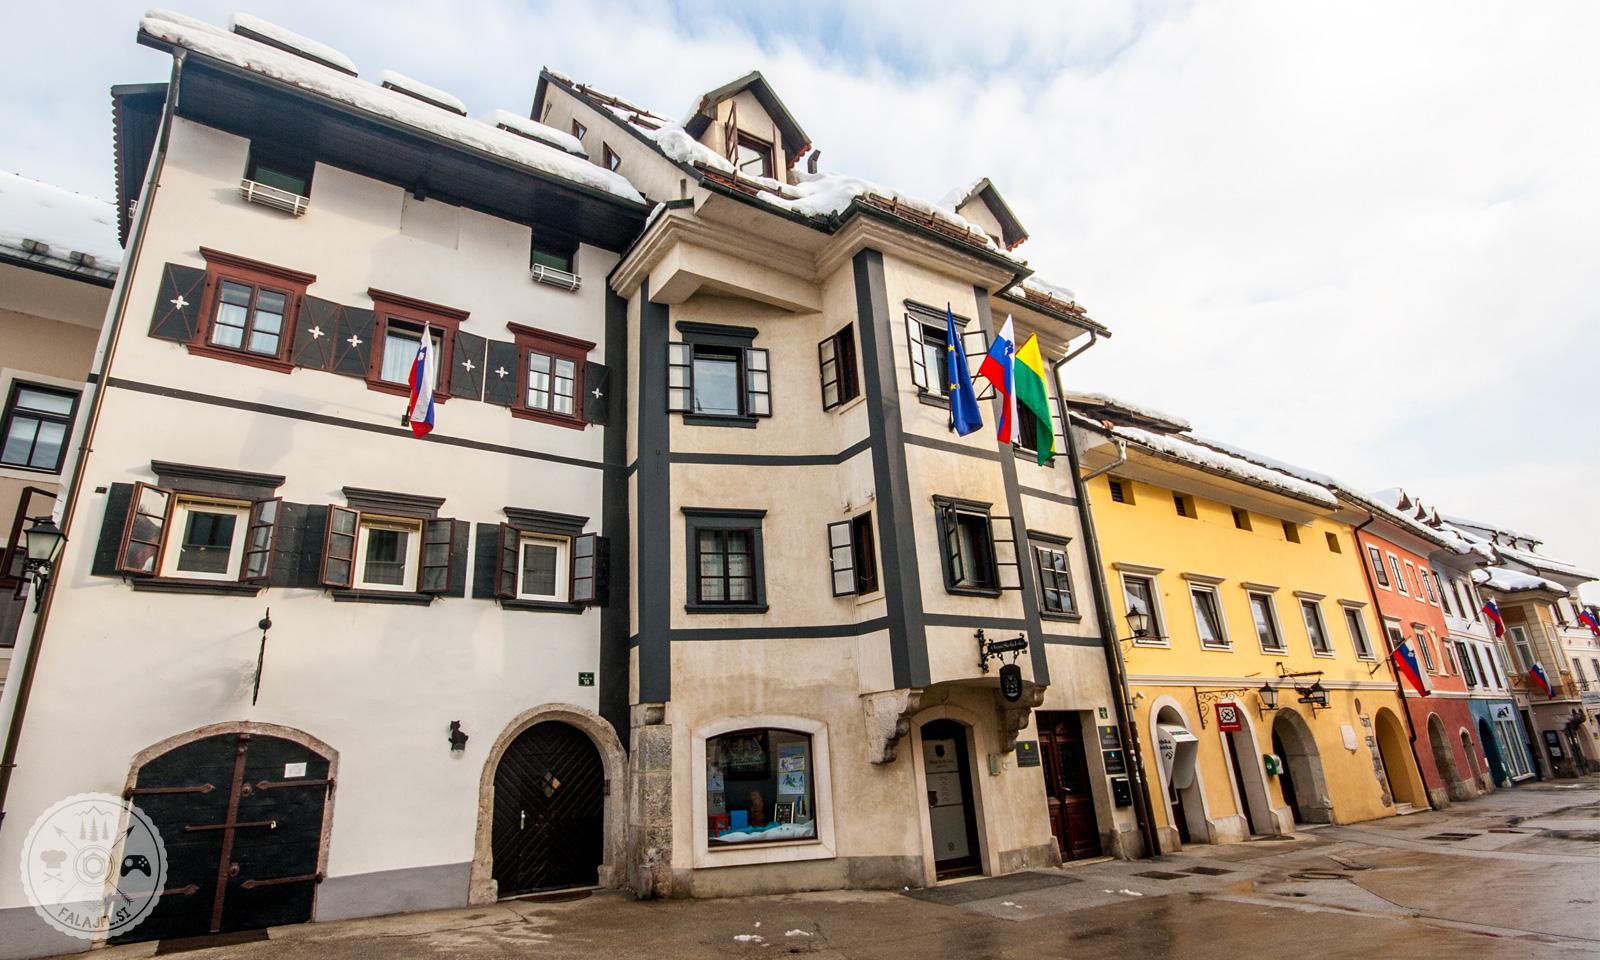 Mesto Škofja Loka ima dobro razvito družbeno javno infrastrukturo